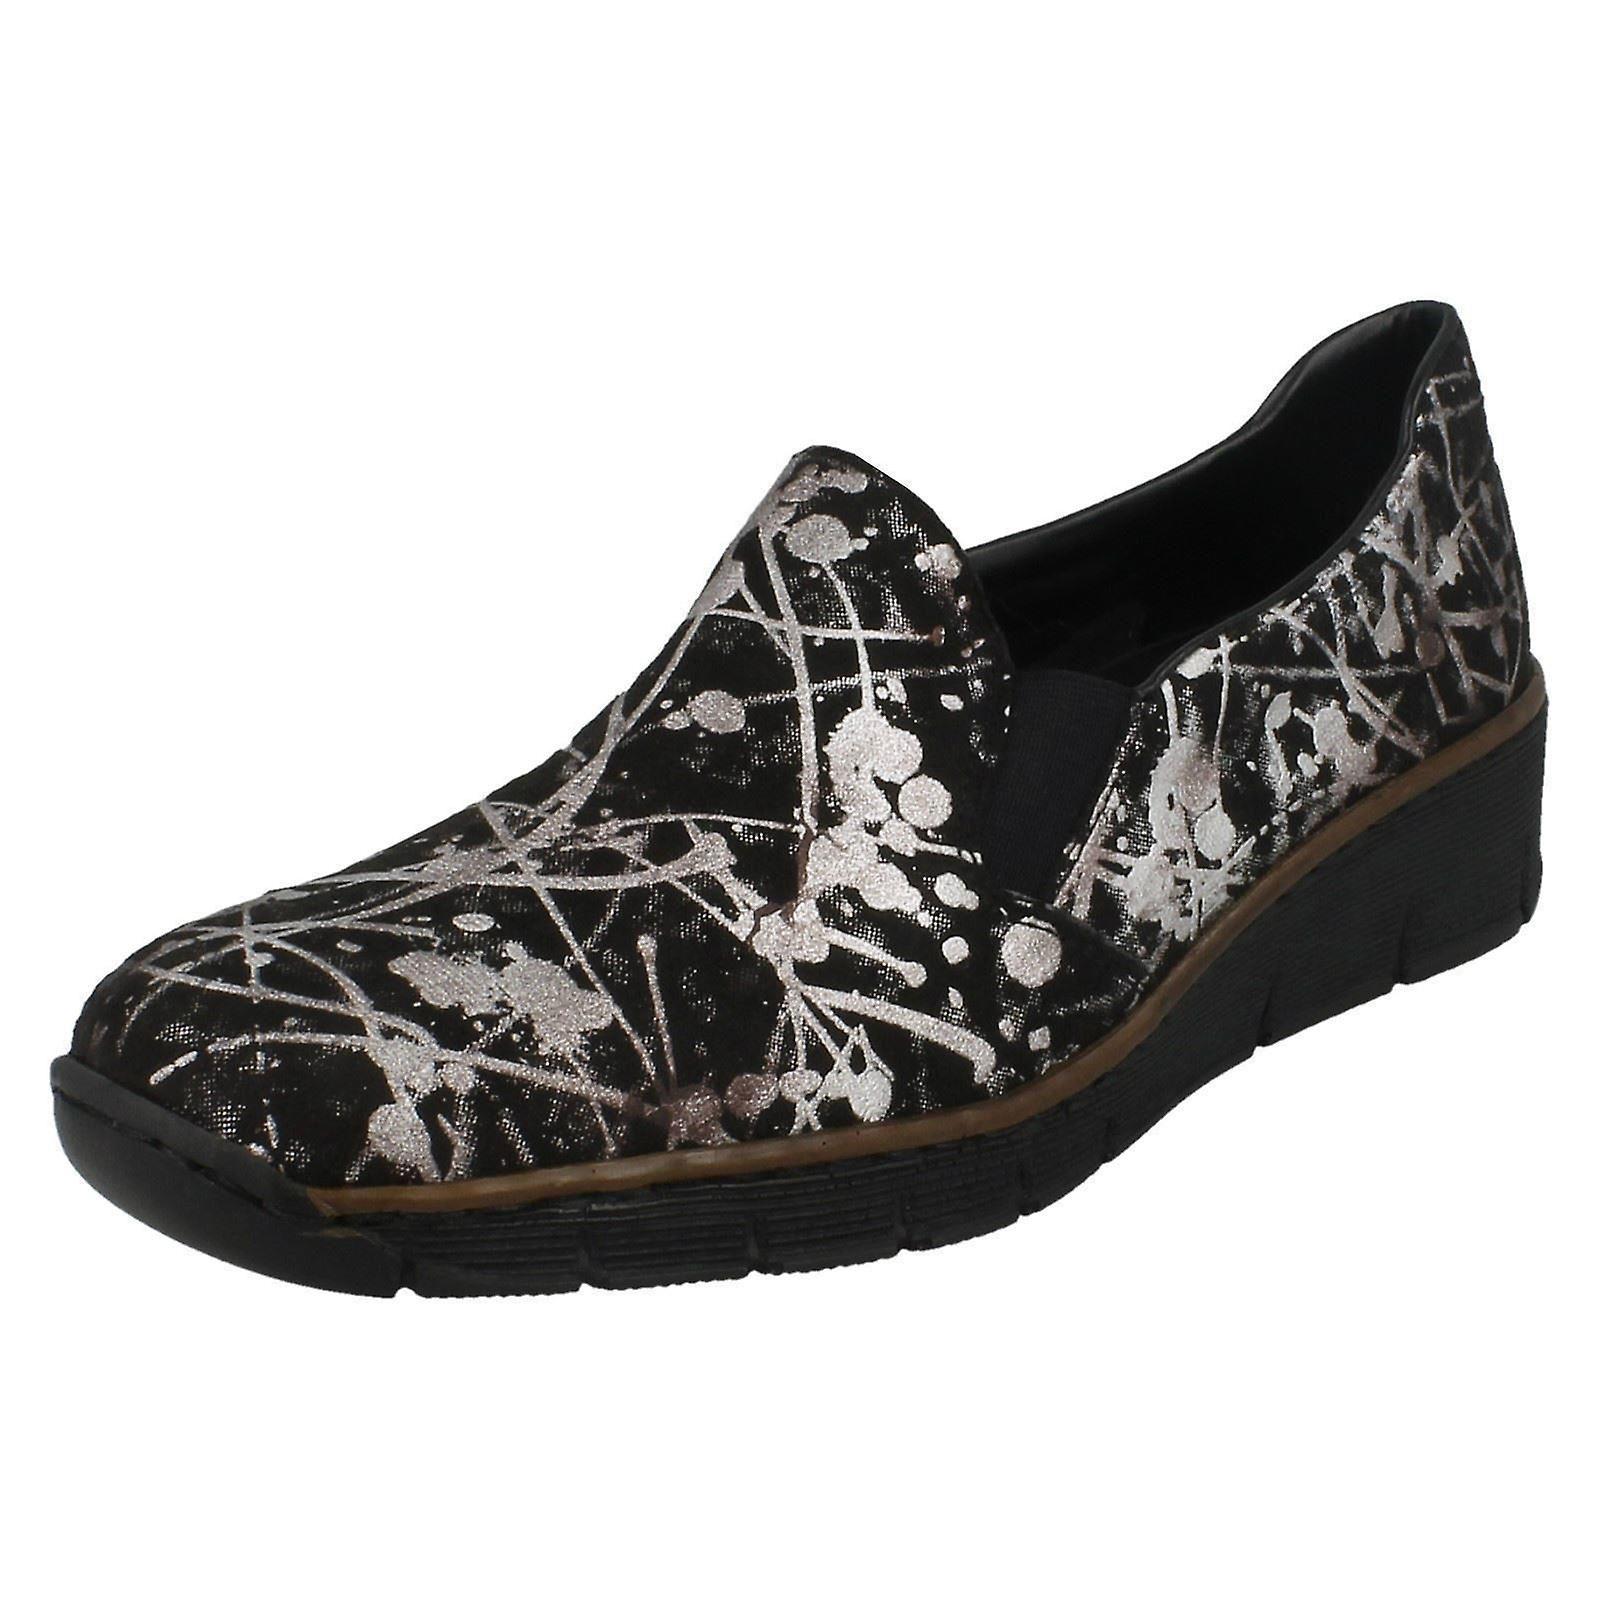 Damen Slip Rieker Slip Damen auf Casual Casual auf Schuhe 53766 dc42cd ... e4c20f